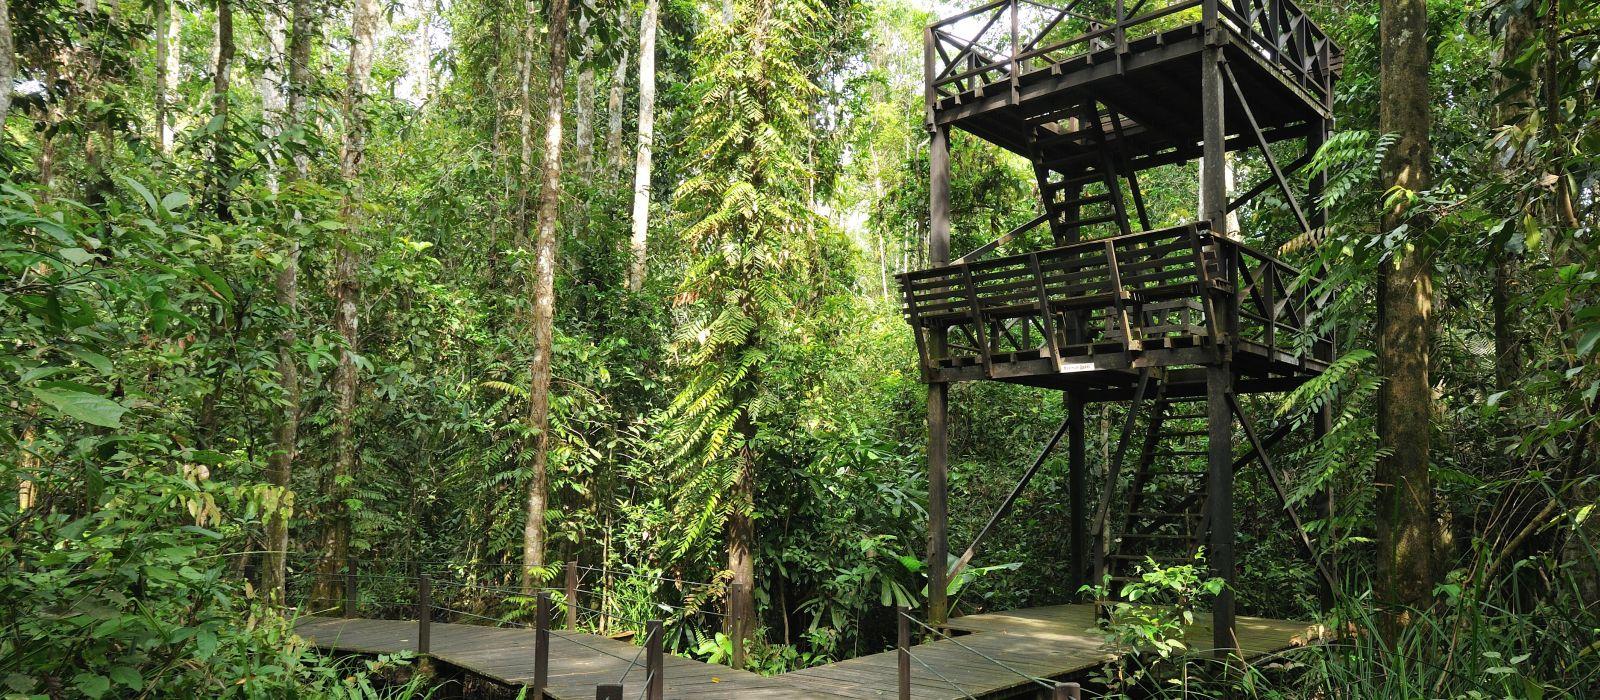 Nature, Wildlife and Adventure in Borneo Tour Trip 4